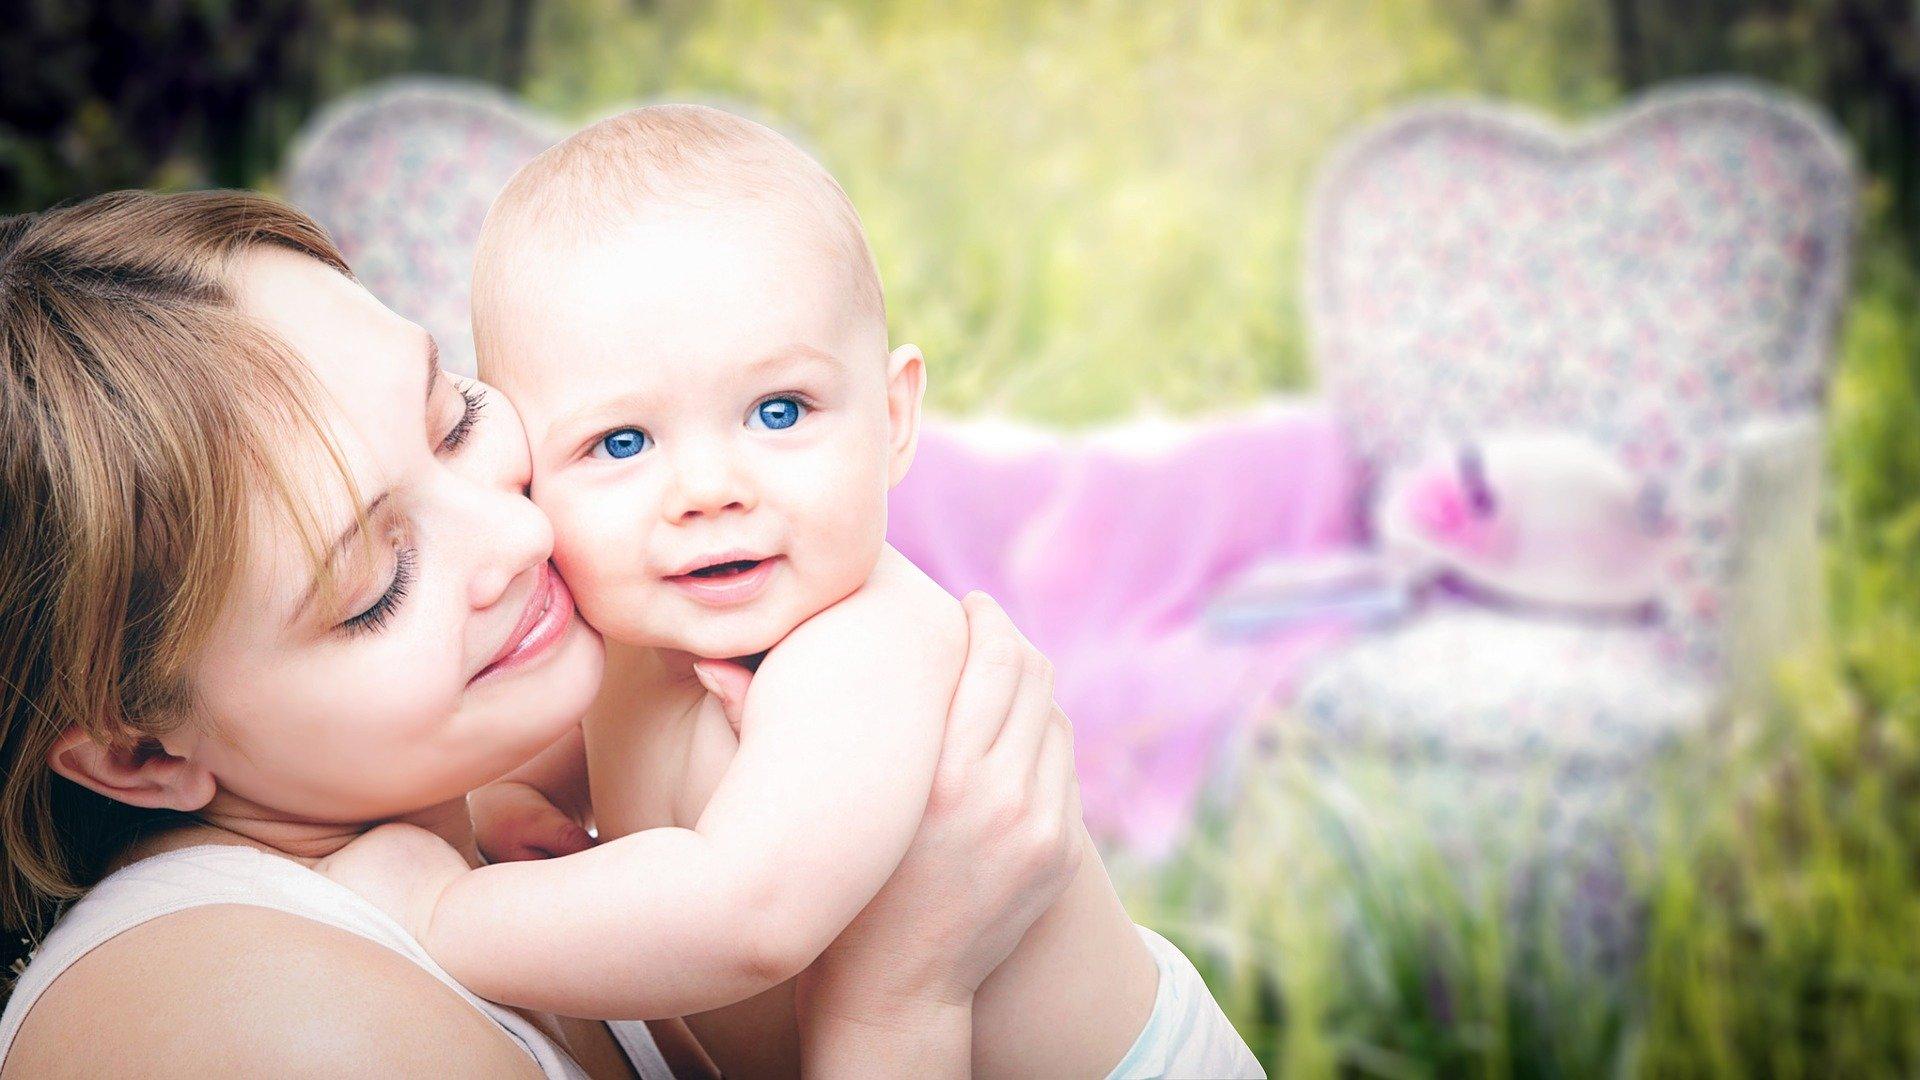 La leche materna de mujeres vacunadas contra el coronavirus contiene anticuerpos frente a la Covid-19, según un estudio